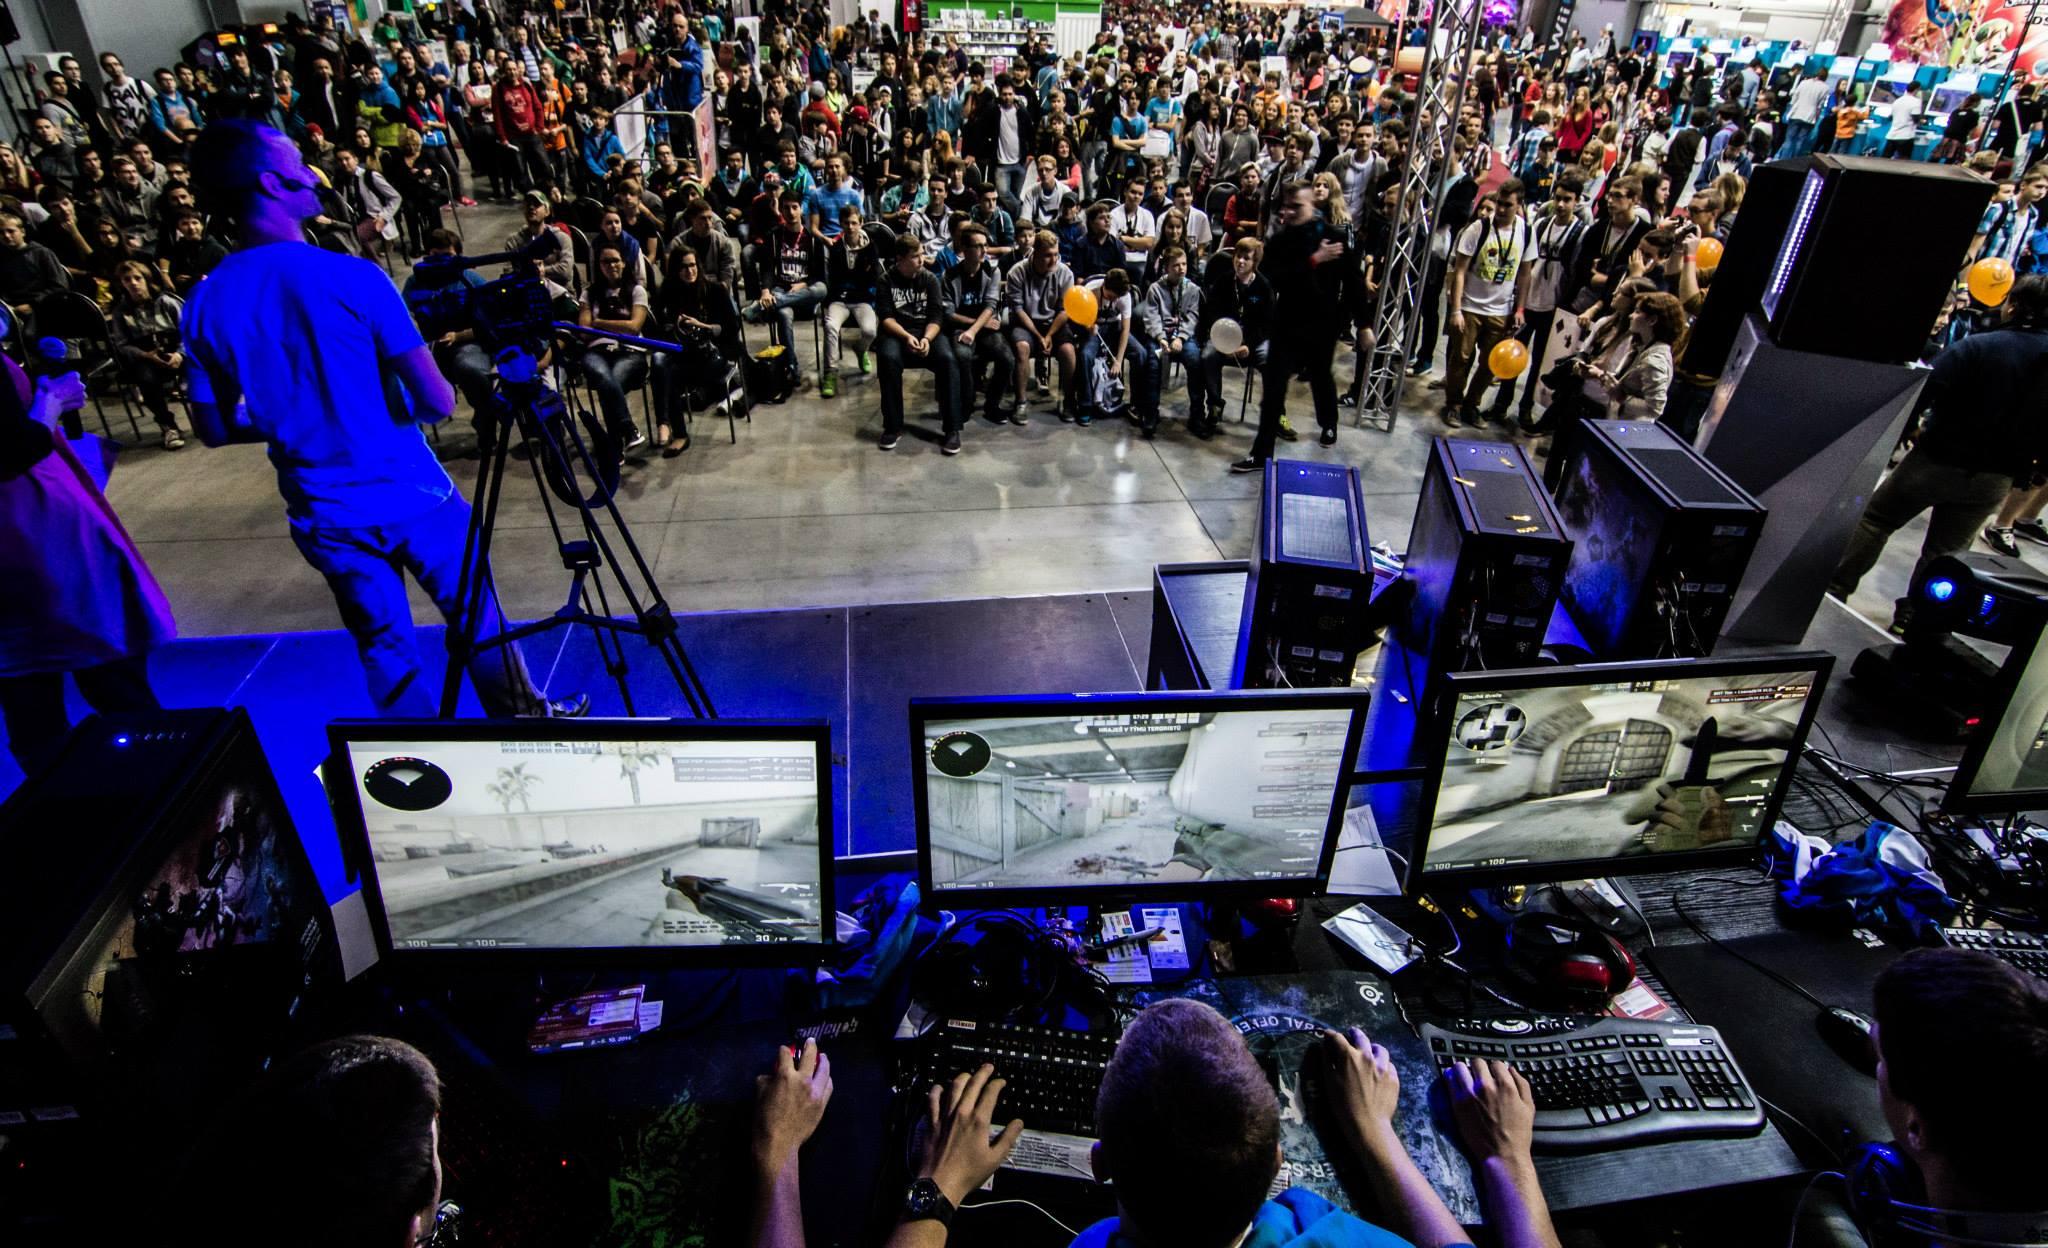 Nový ročník Vodafone MČR v počítačových hrách startuje titulem Counter-Strike: Global Offensive